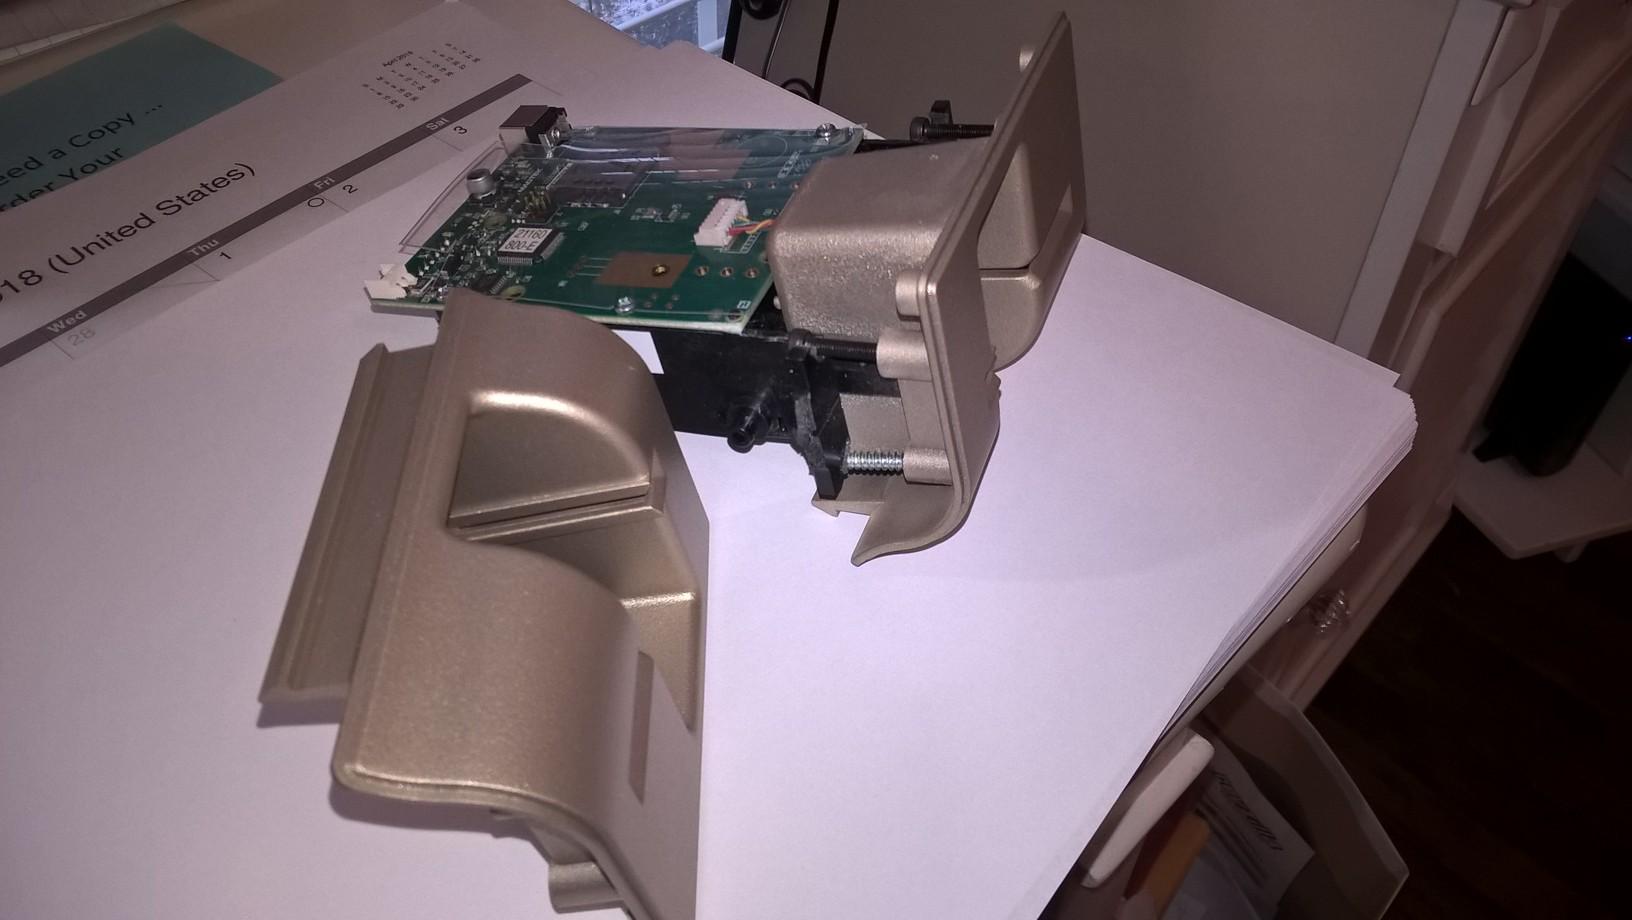 ATM Case Bevel